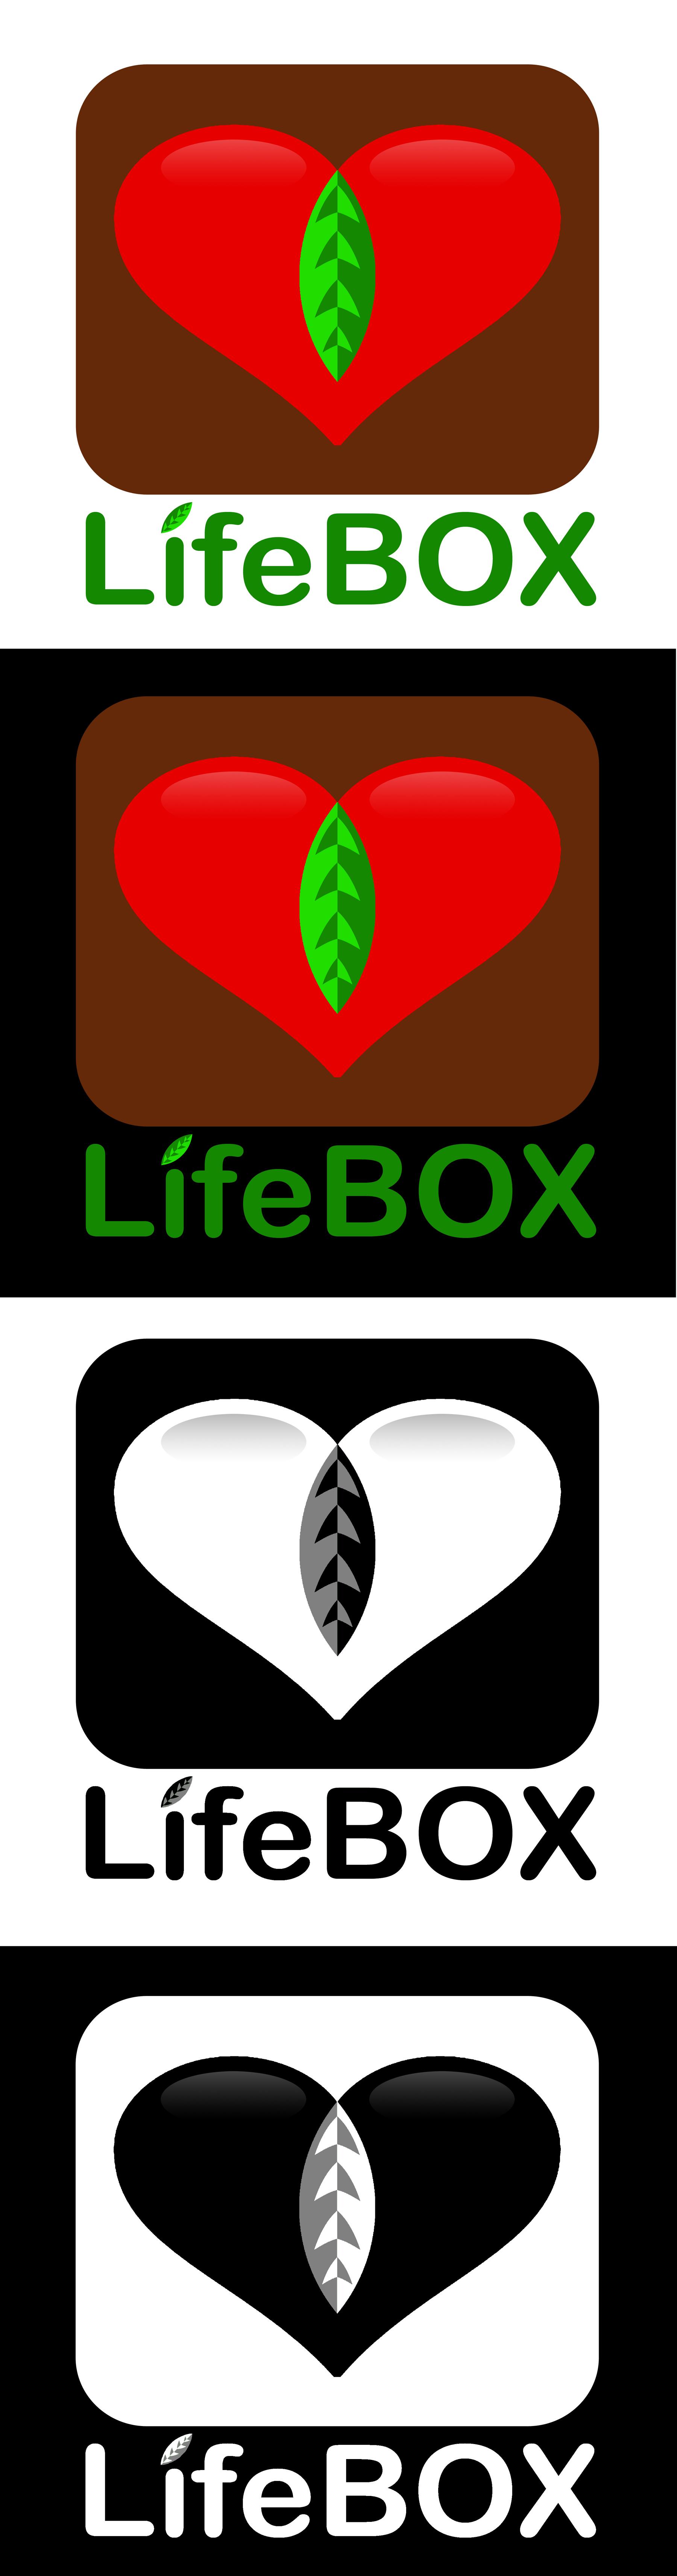 Разработка Логотипа. Победитель получит расширеный заказ  фото f_8035c2cd2212a072.jpg